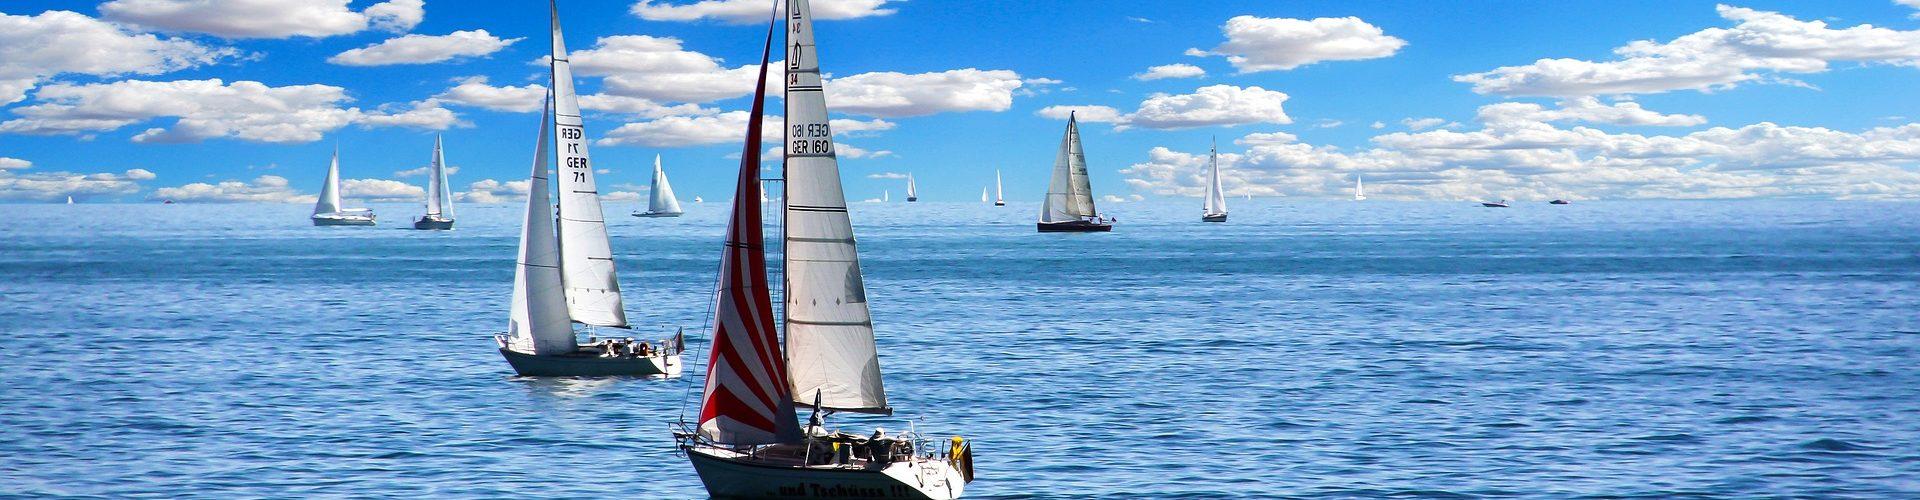 segeln lernen in Dollart segelschein machen in Dollart 1920x500 - Segeln lernen in Dollart